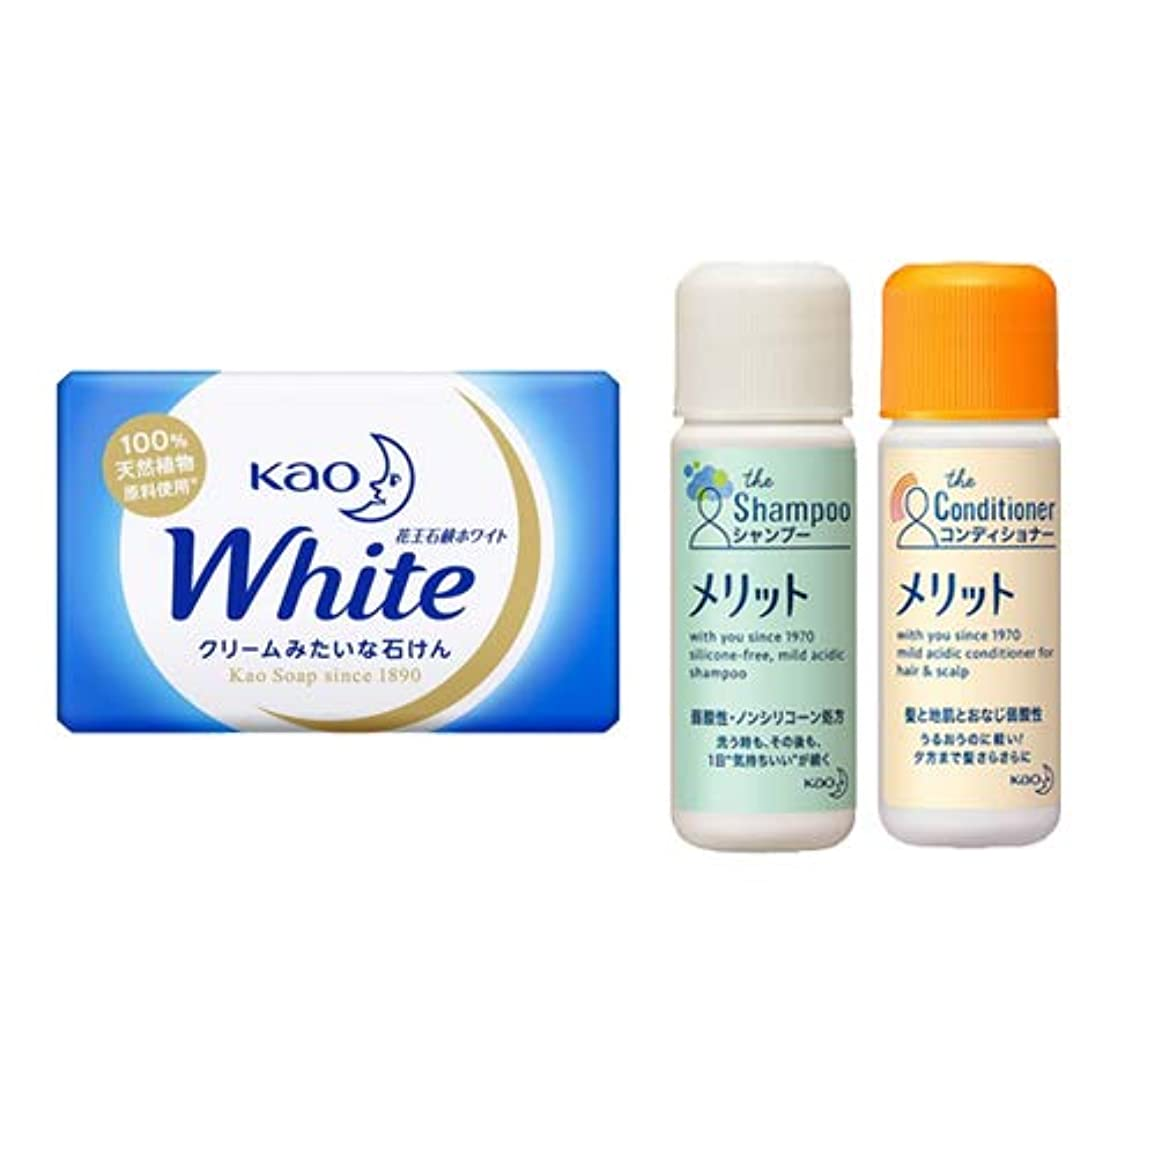 ブロック保証落胆した花王(KAO) 石鹸ホワイト(Kao Soap White) 15g + メリットシャンプー 16ml + リンス 16ml セット